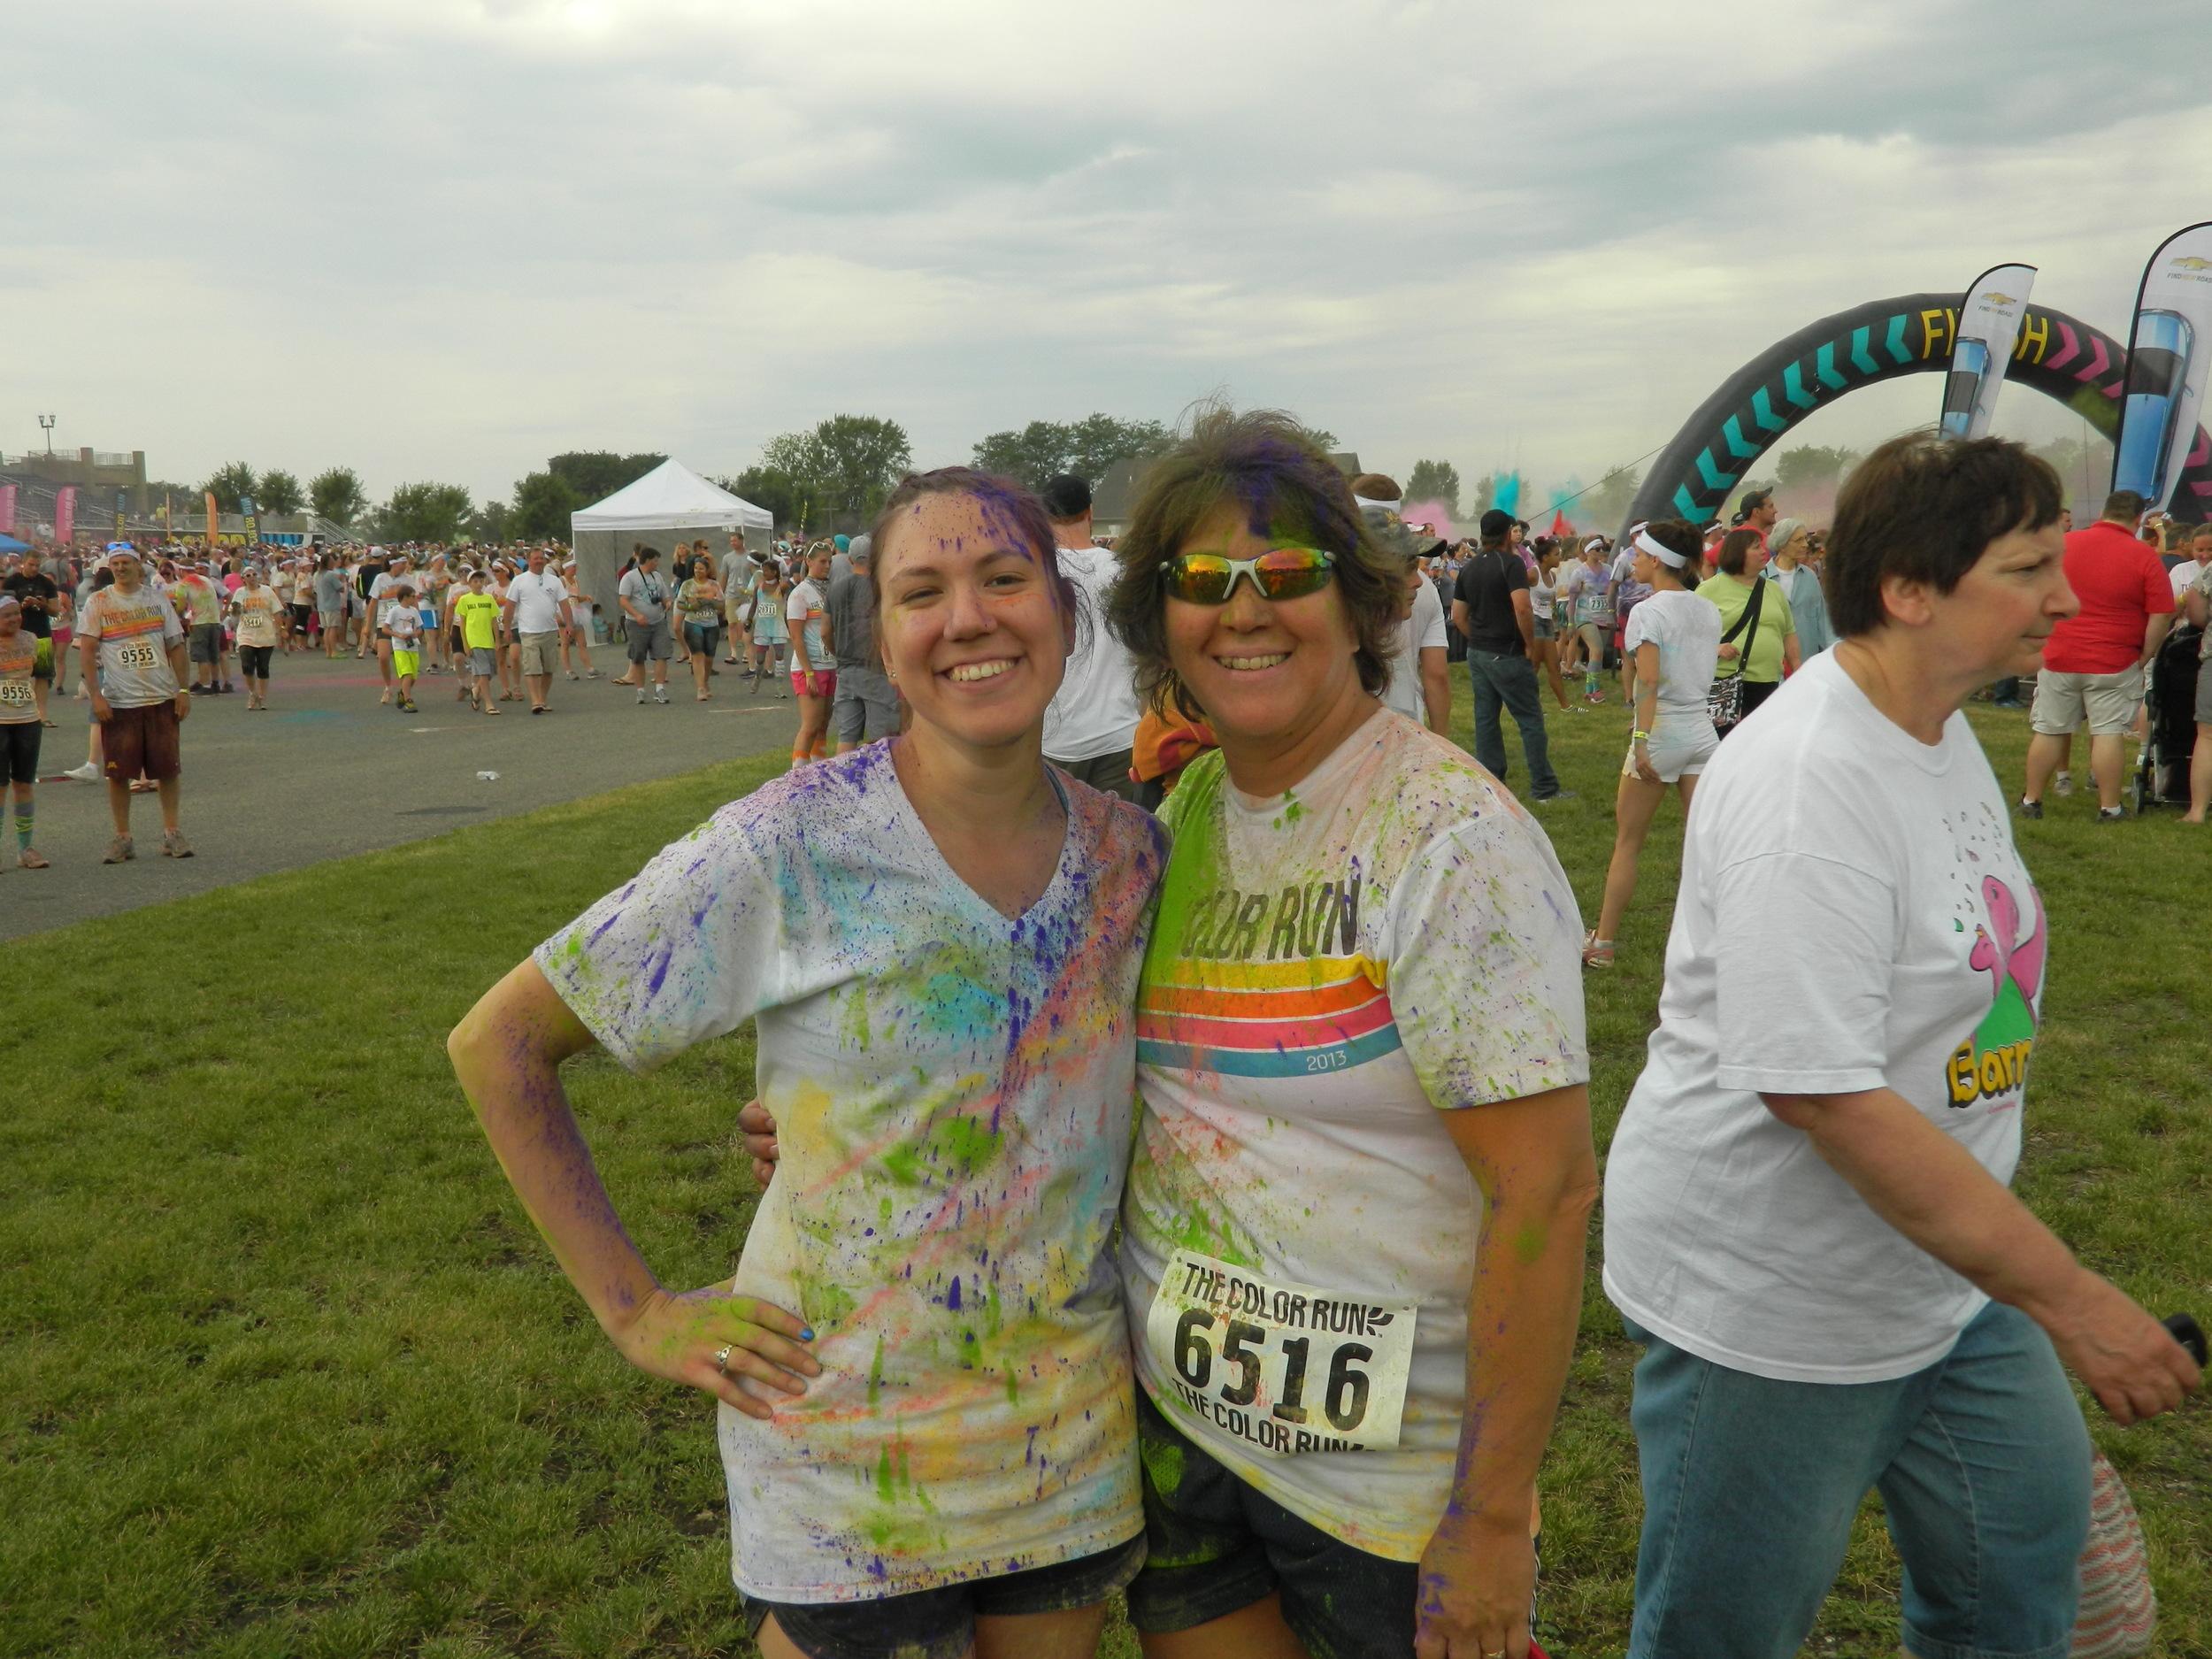 Color Run 2013! Happy happy.